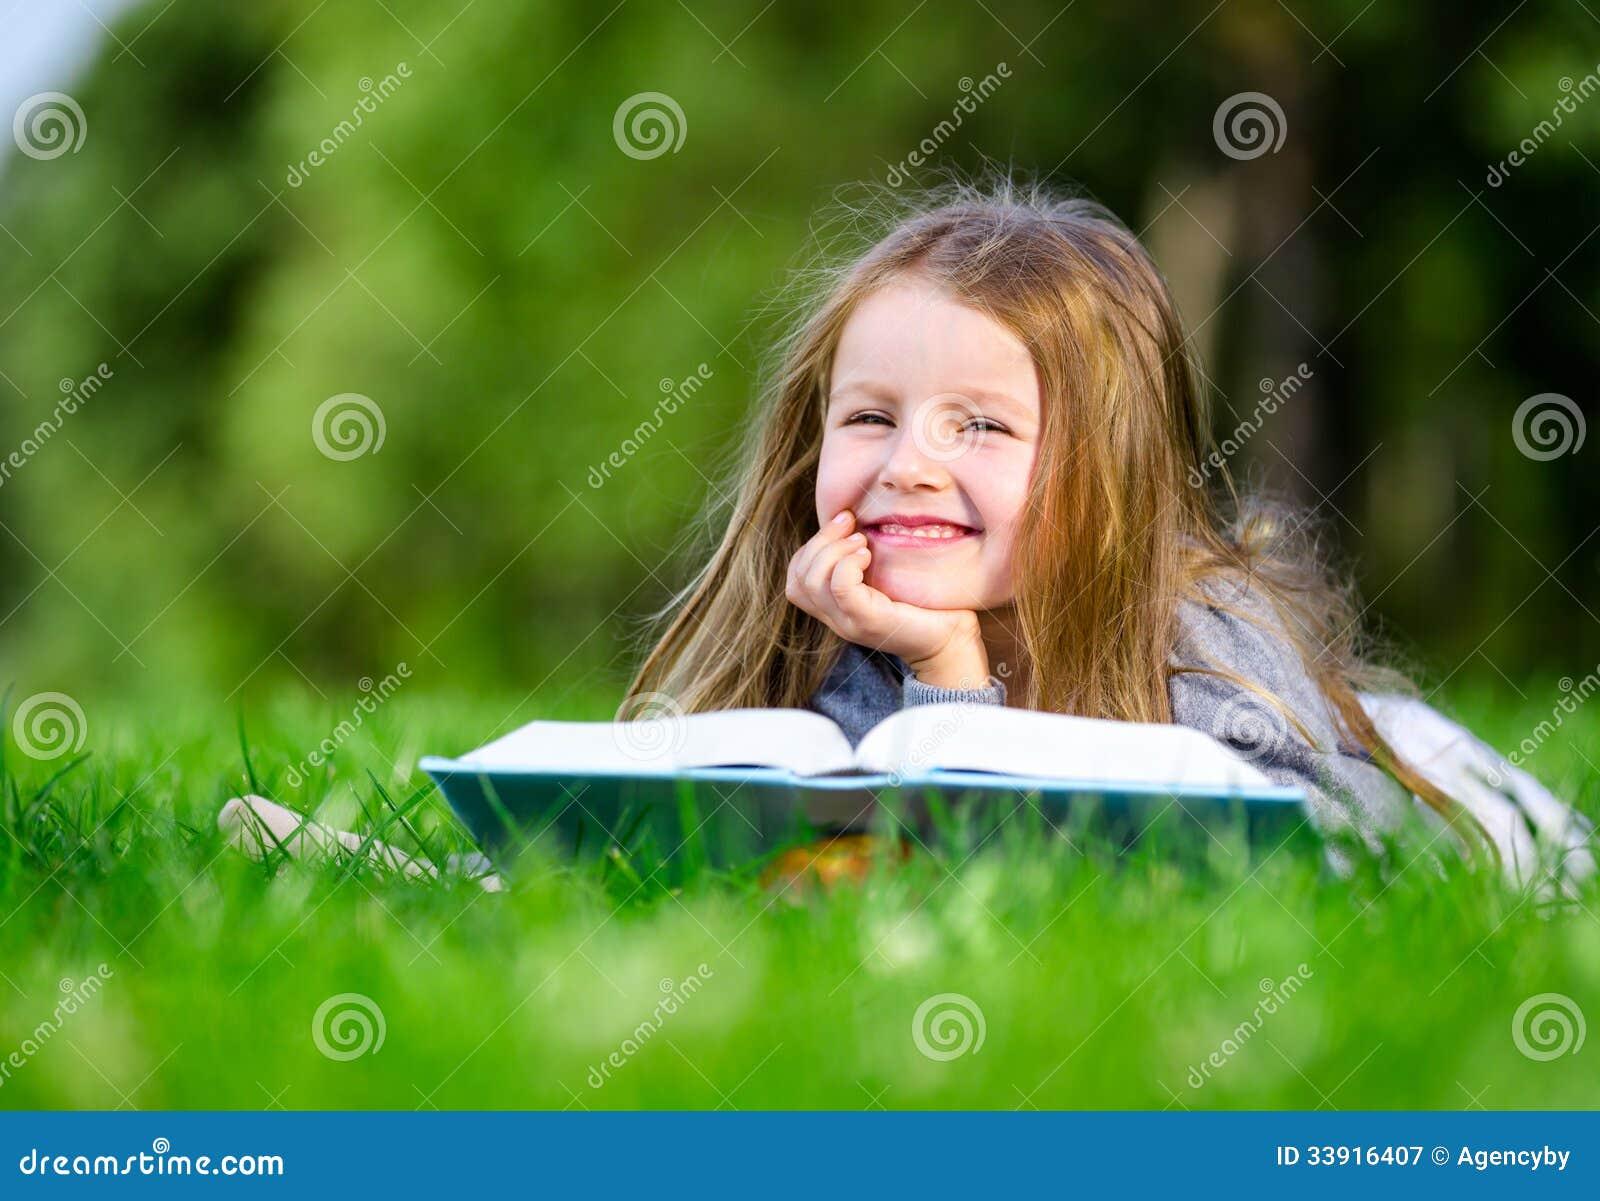 Lilla flickan läser boken på gräset